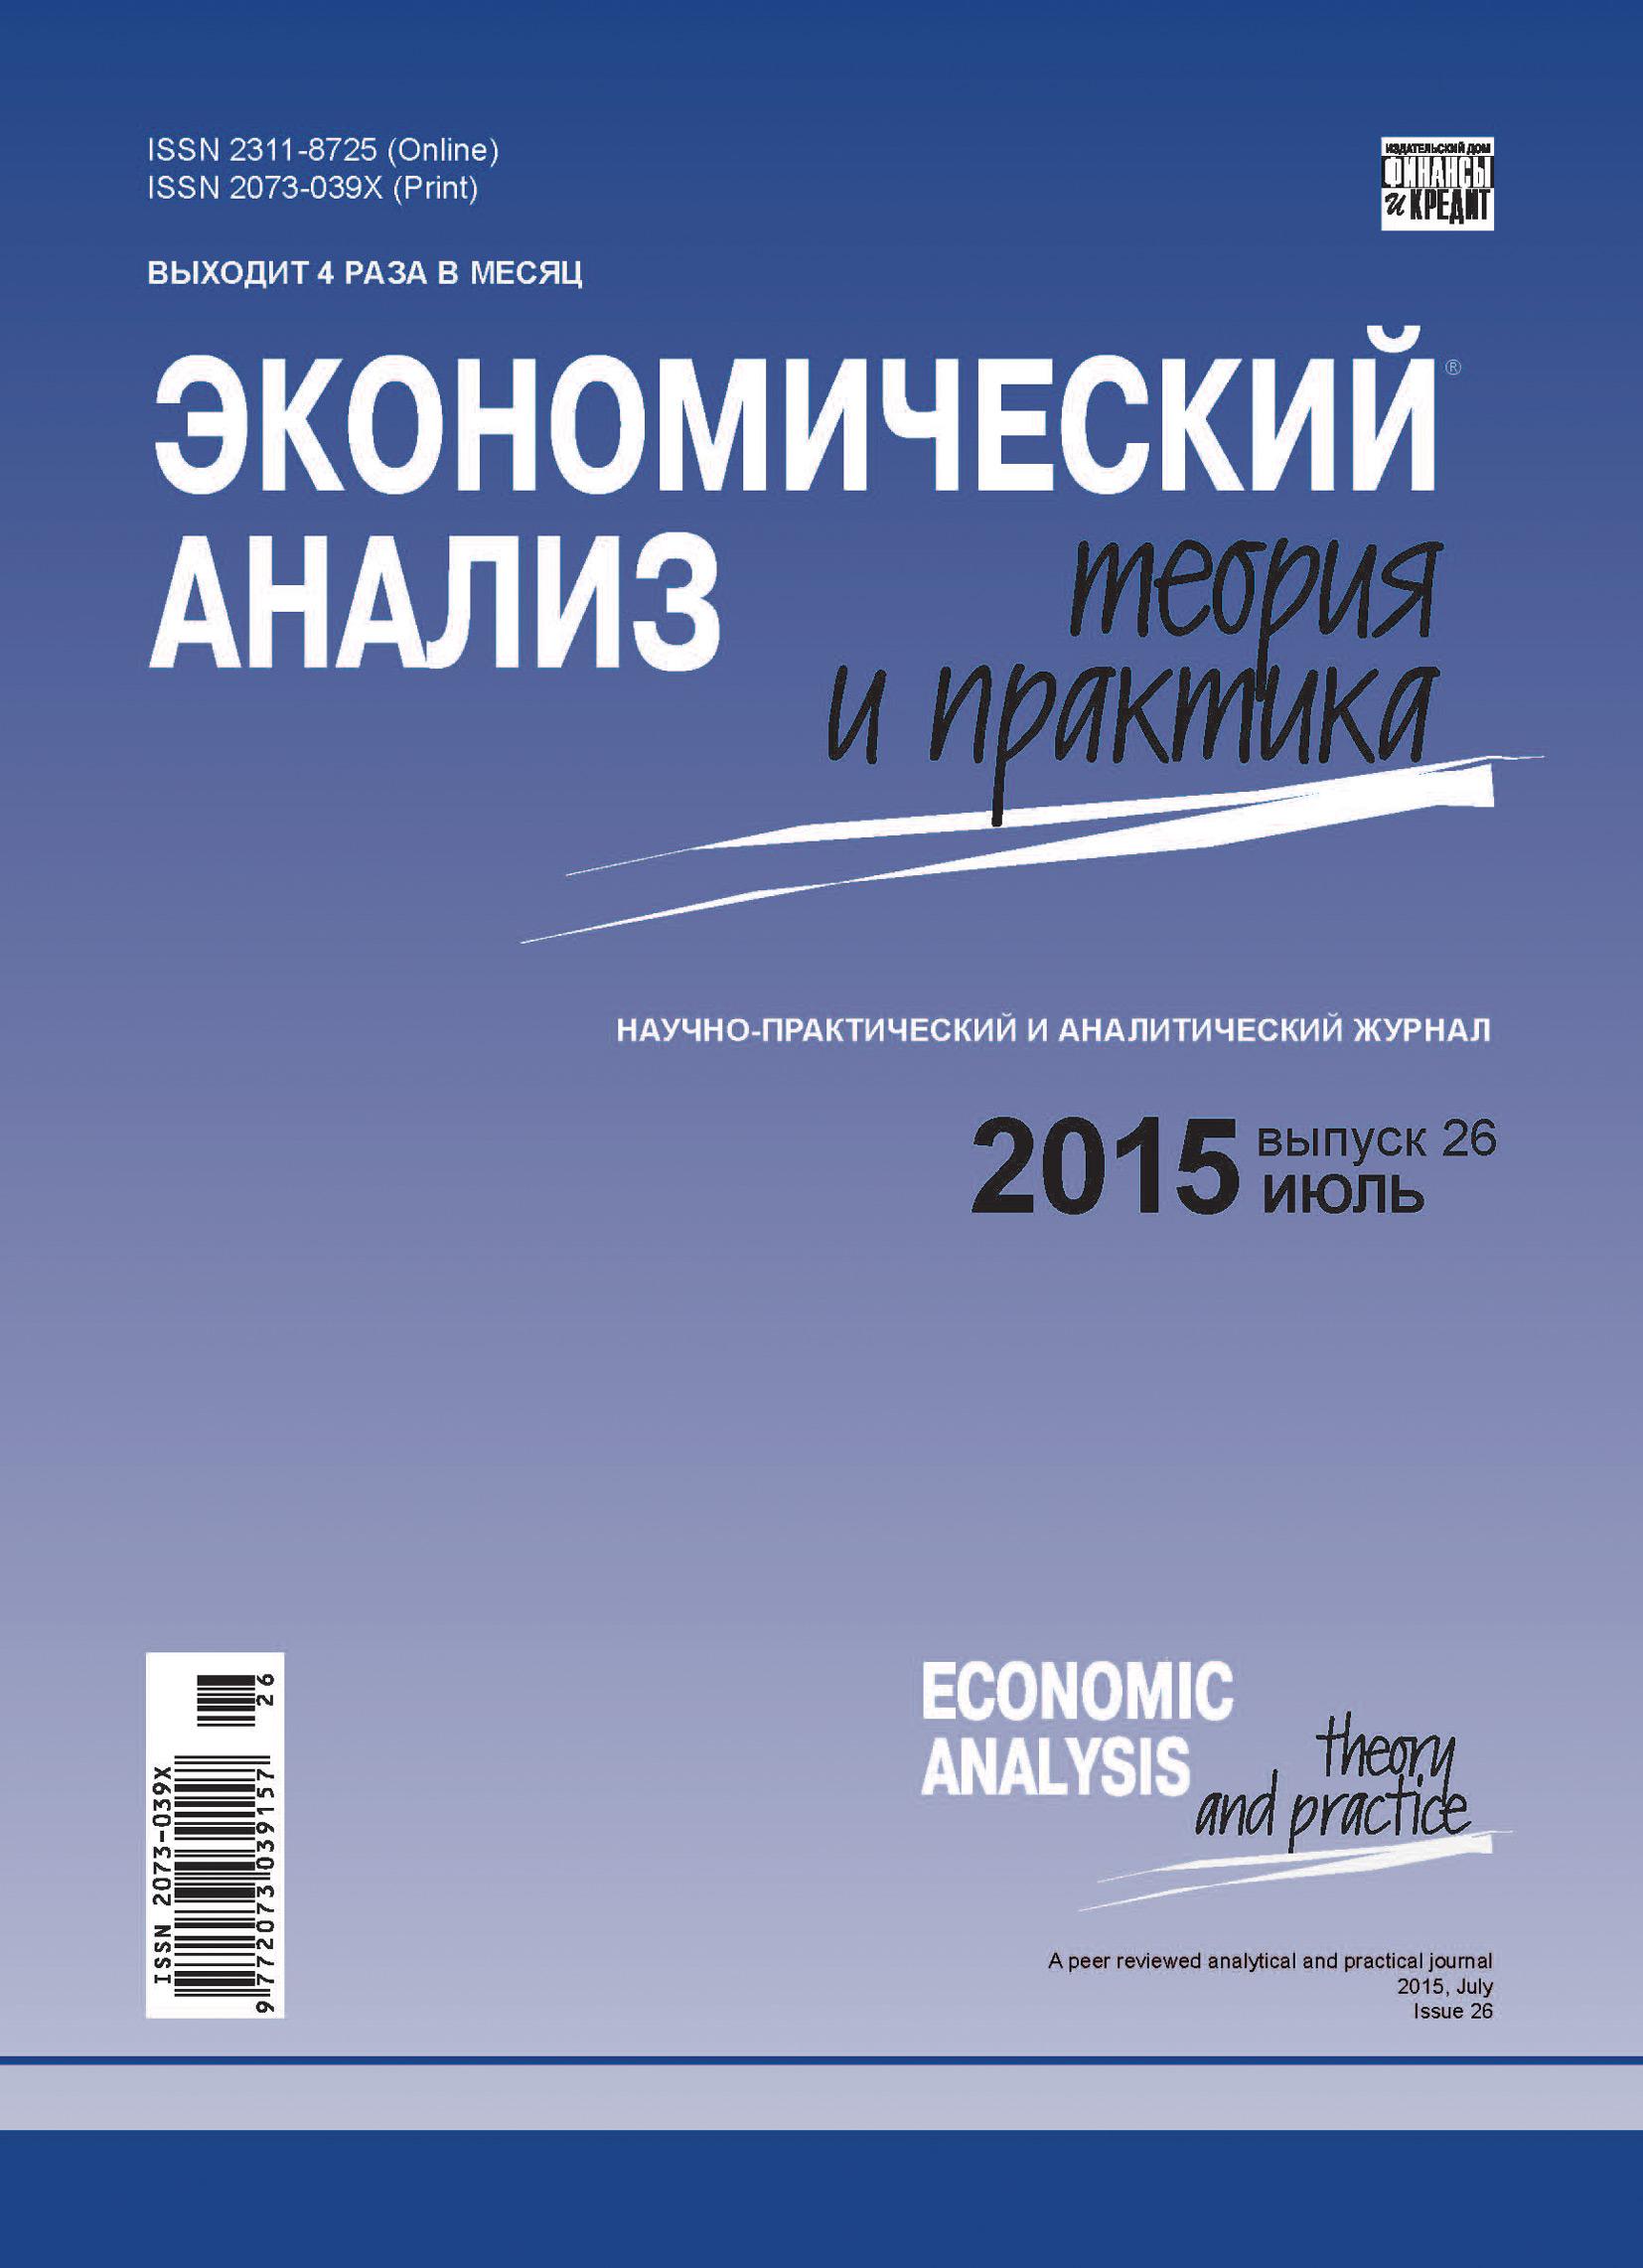 Отсутствует Экономический анализ: теория и практика № 26 (425) 2015 отсутствует экономический анализ теория и практика 4 403 2015